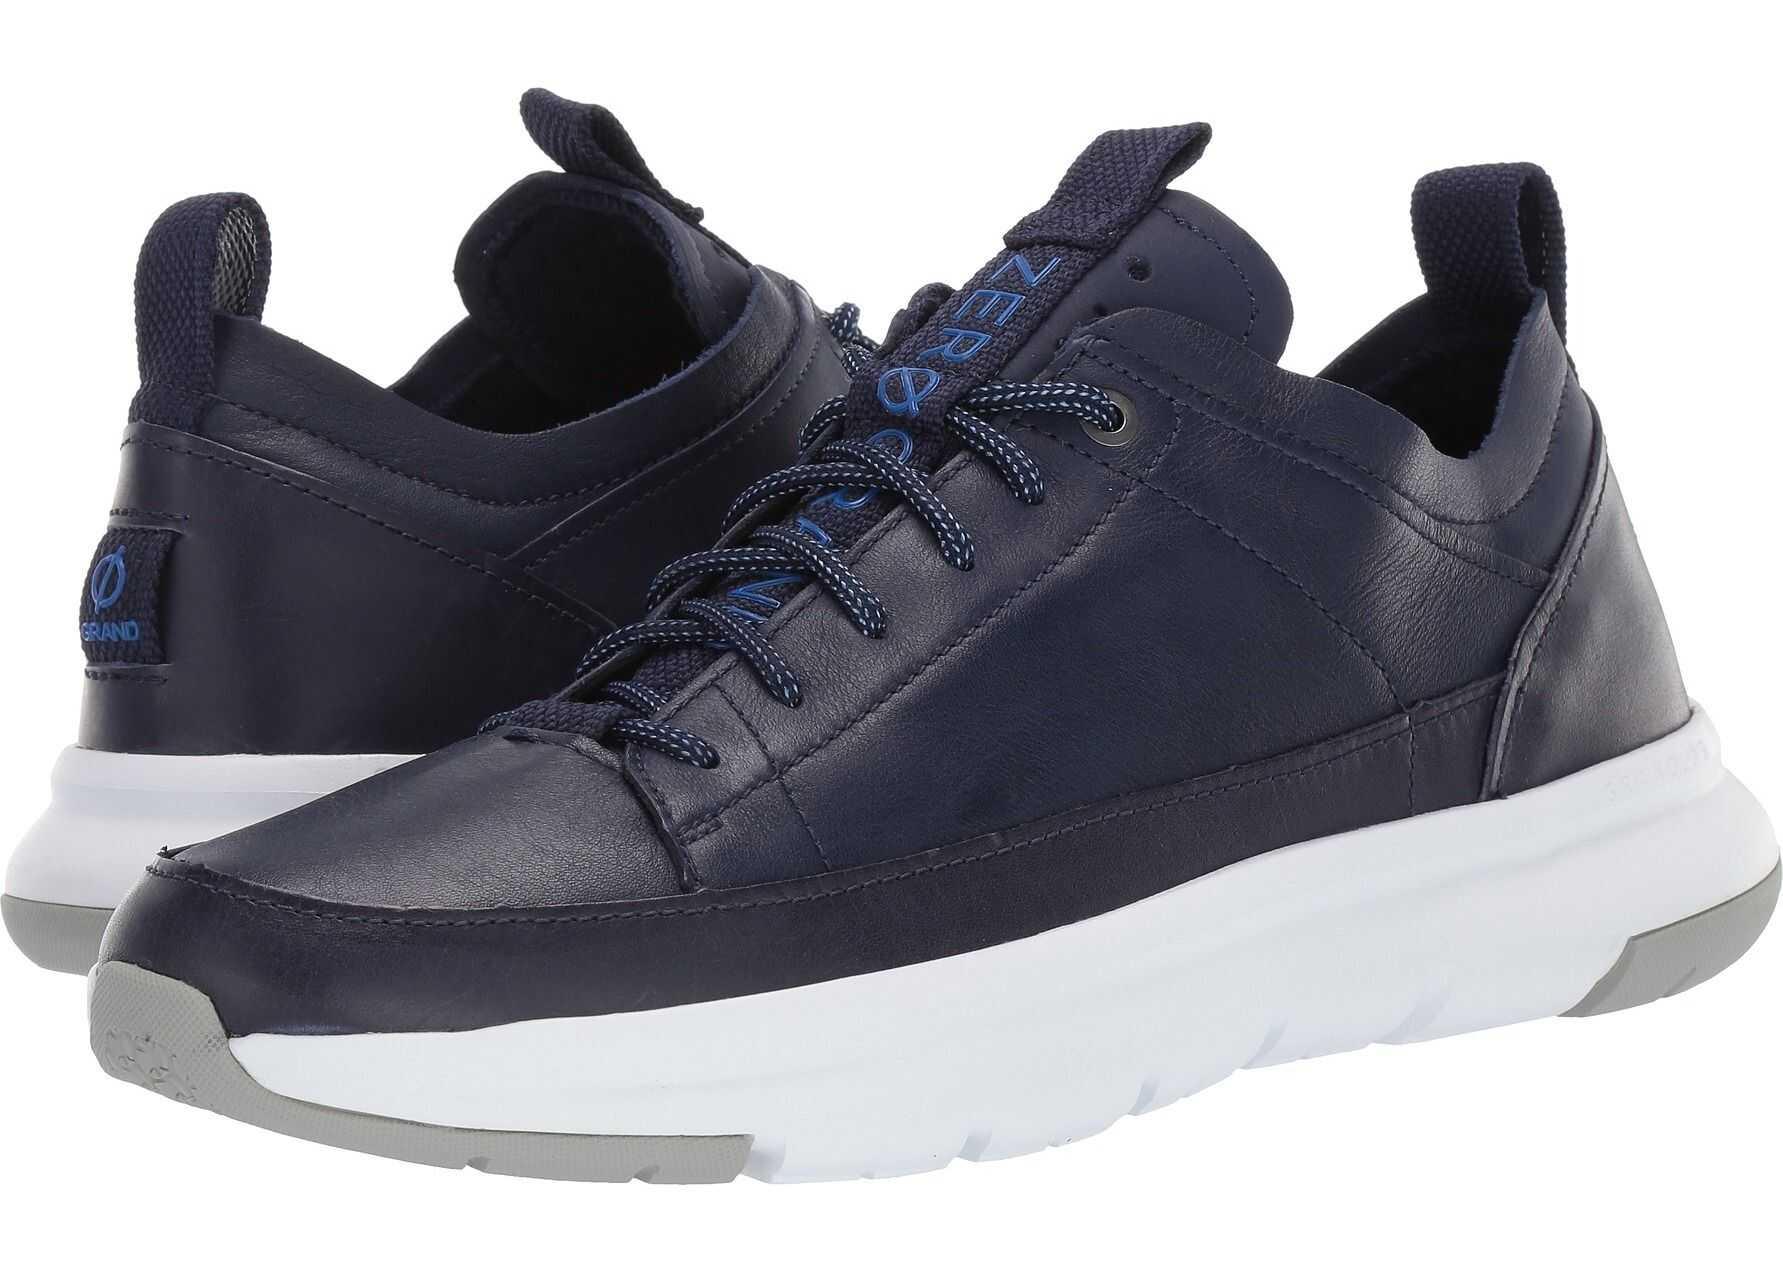 Cole Haan Zerogrand Explore Sneaker Navy Ink/Provence/Vapor Grey